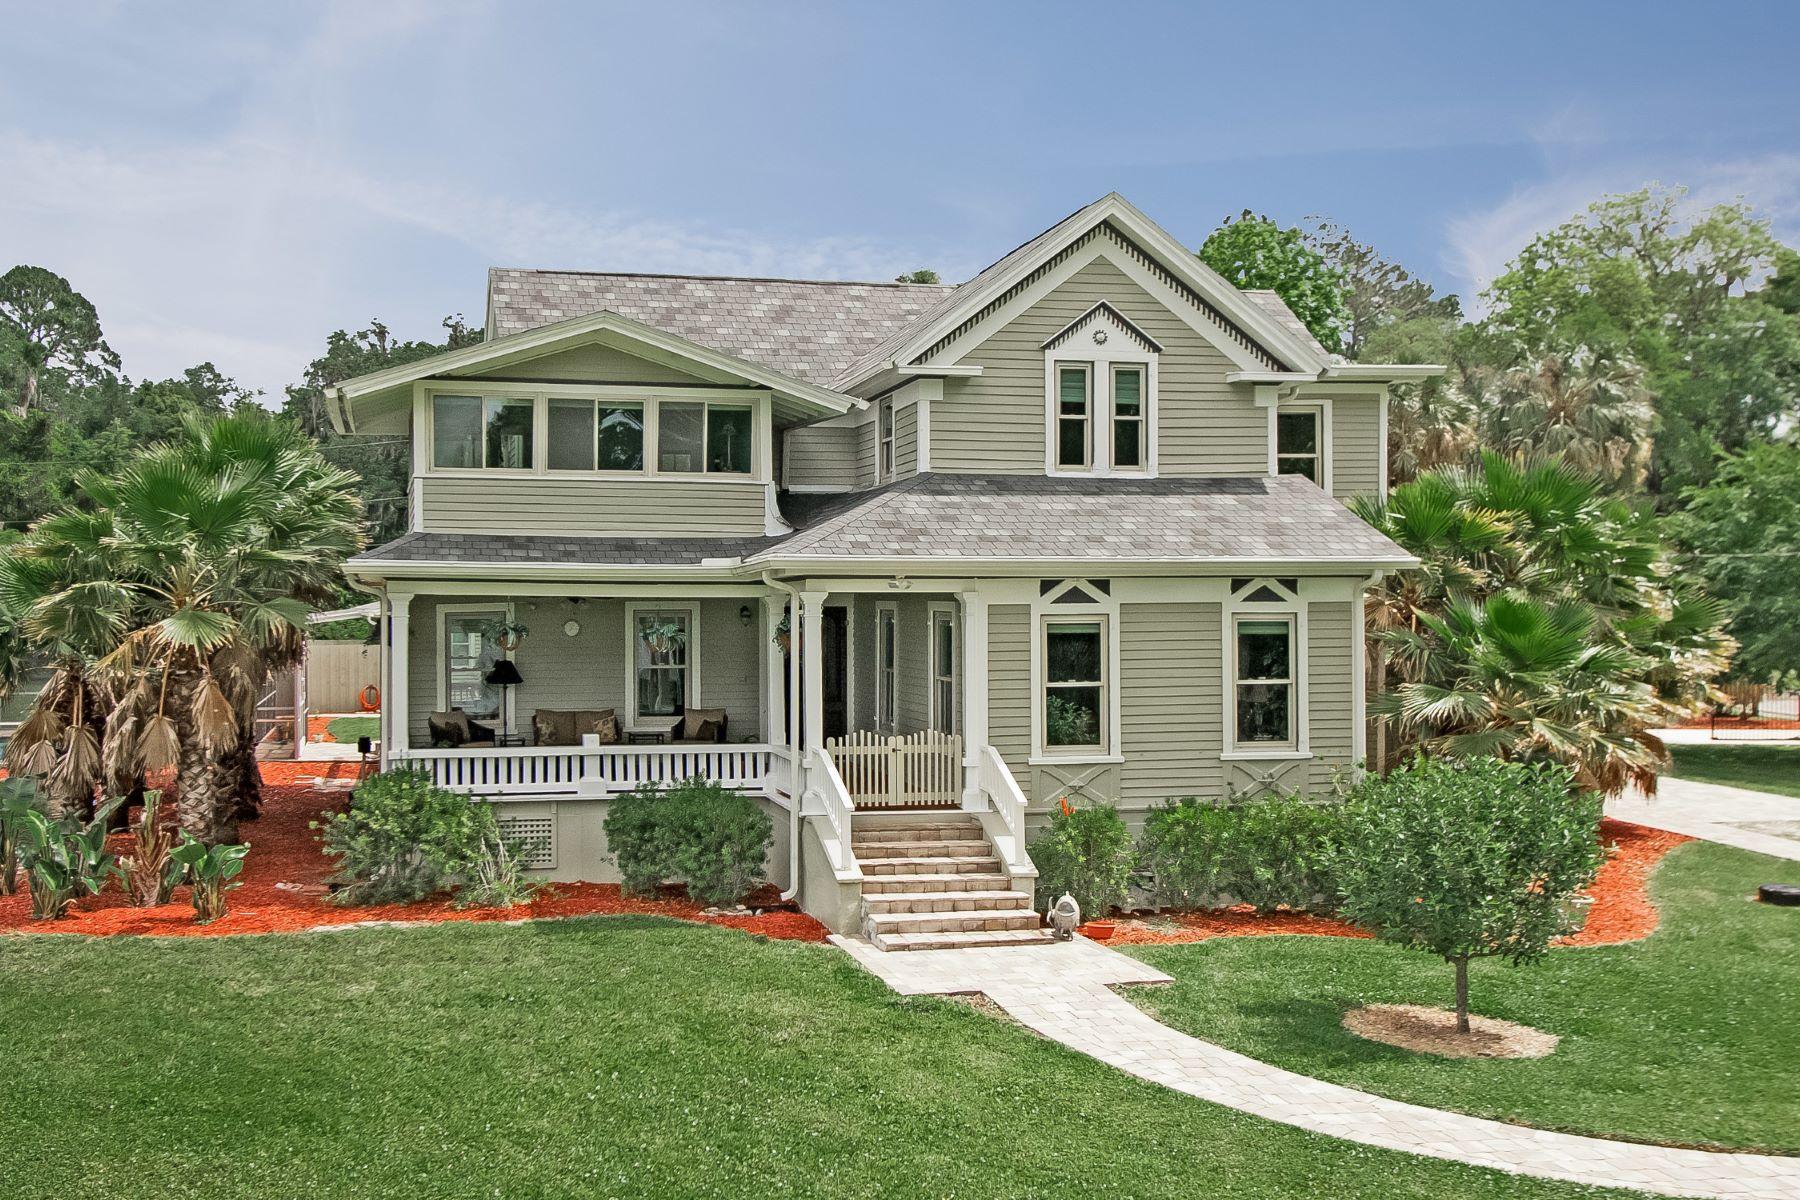 Частный односемейный дом для того Продажа на Reid House 4056 Browns Landing Rd. Palatka, Флорида, 32177 Соединенные Штаты